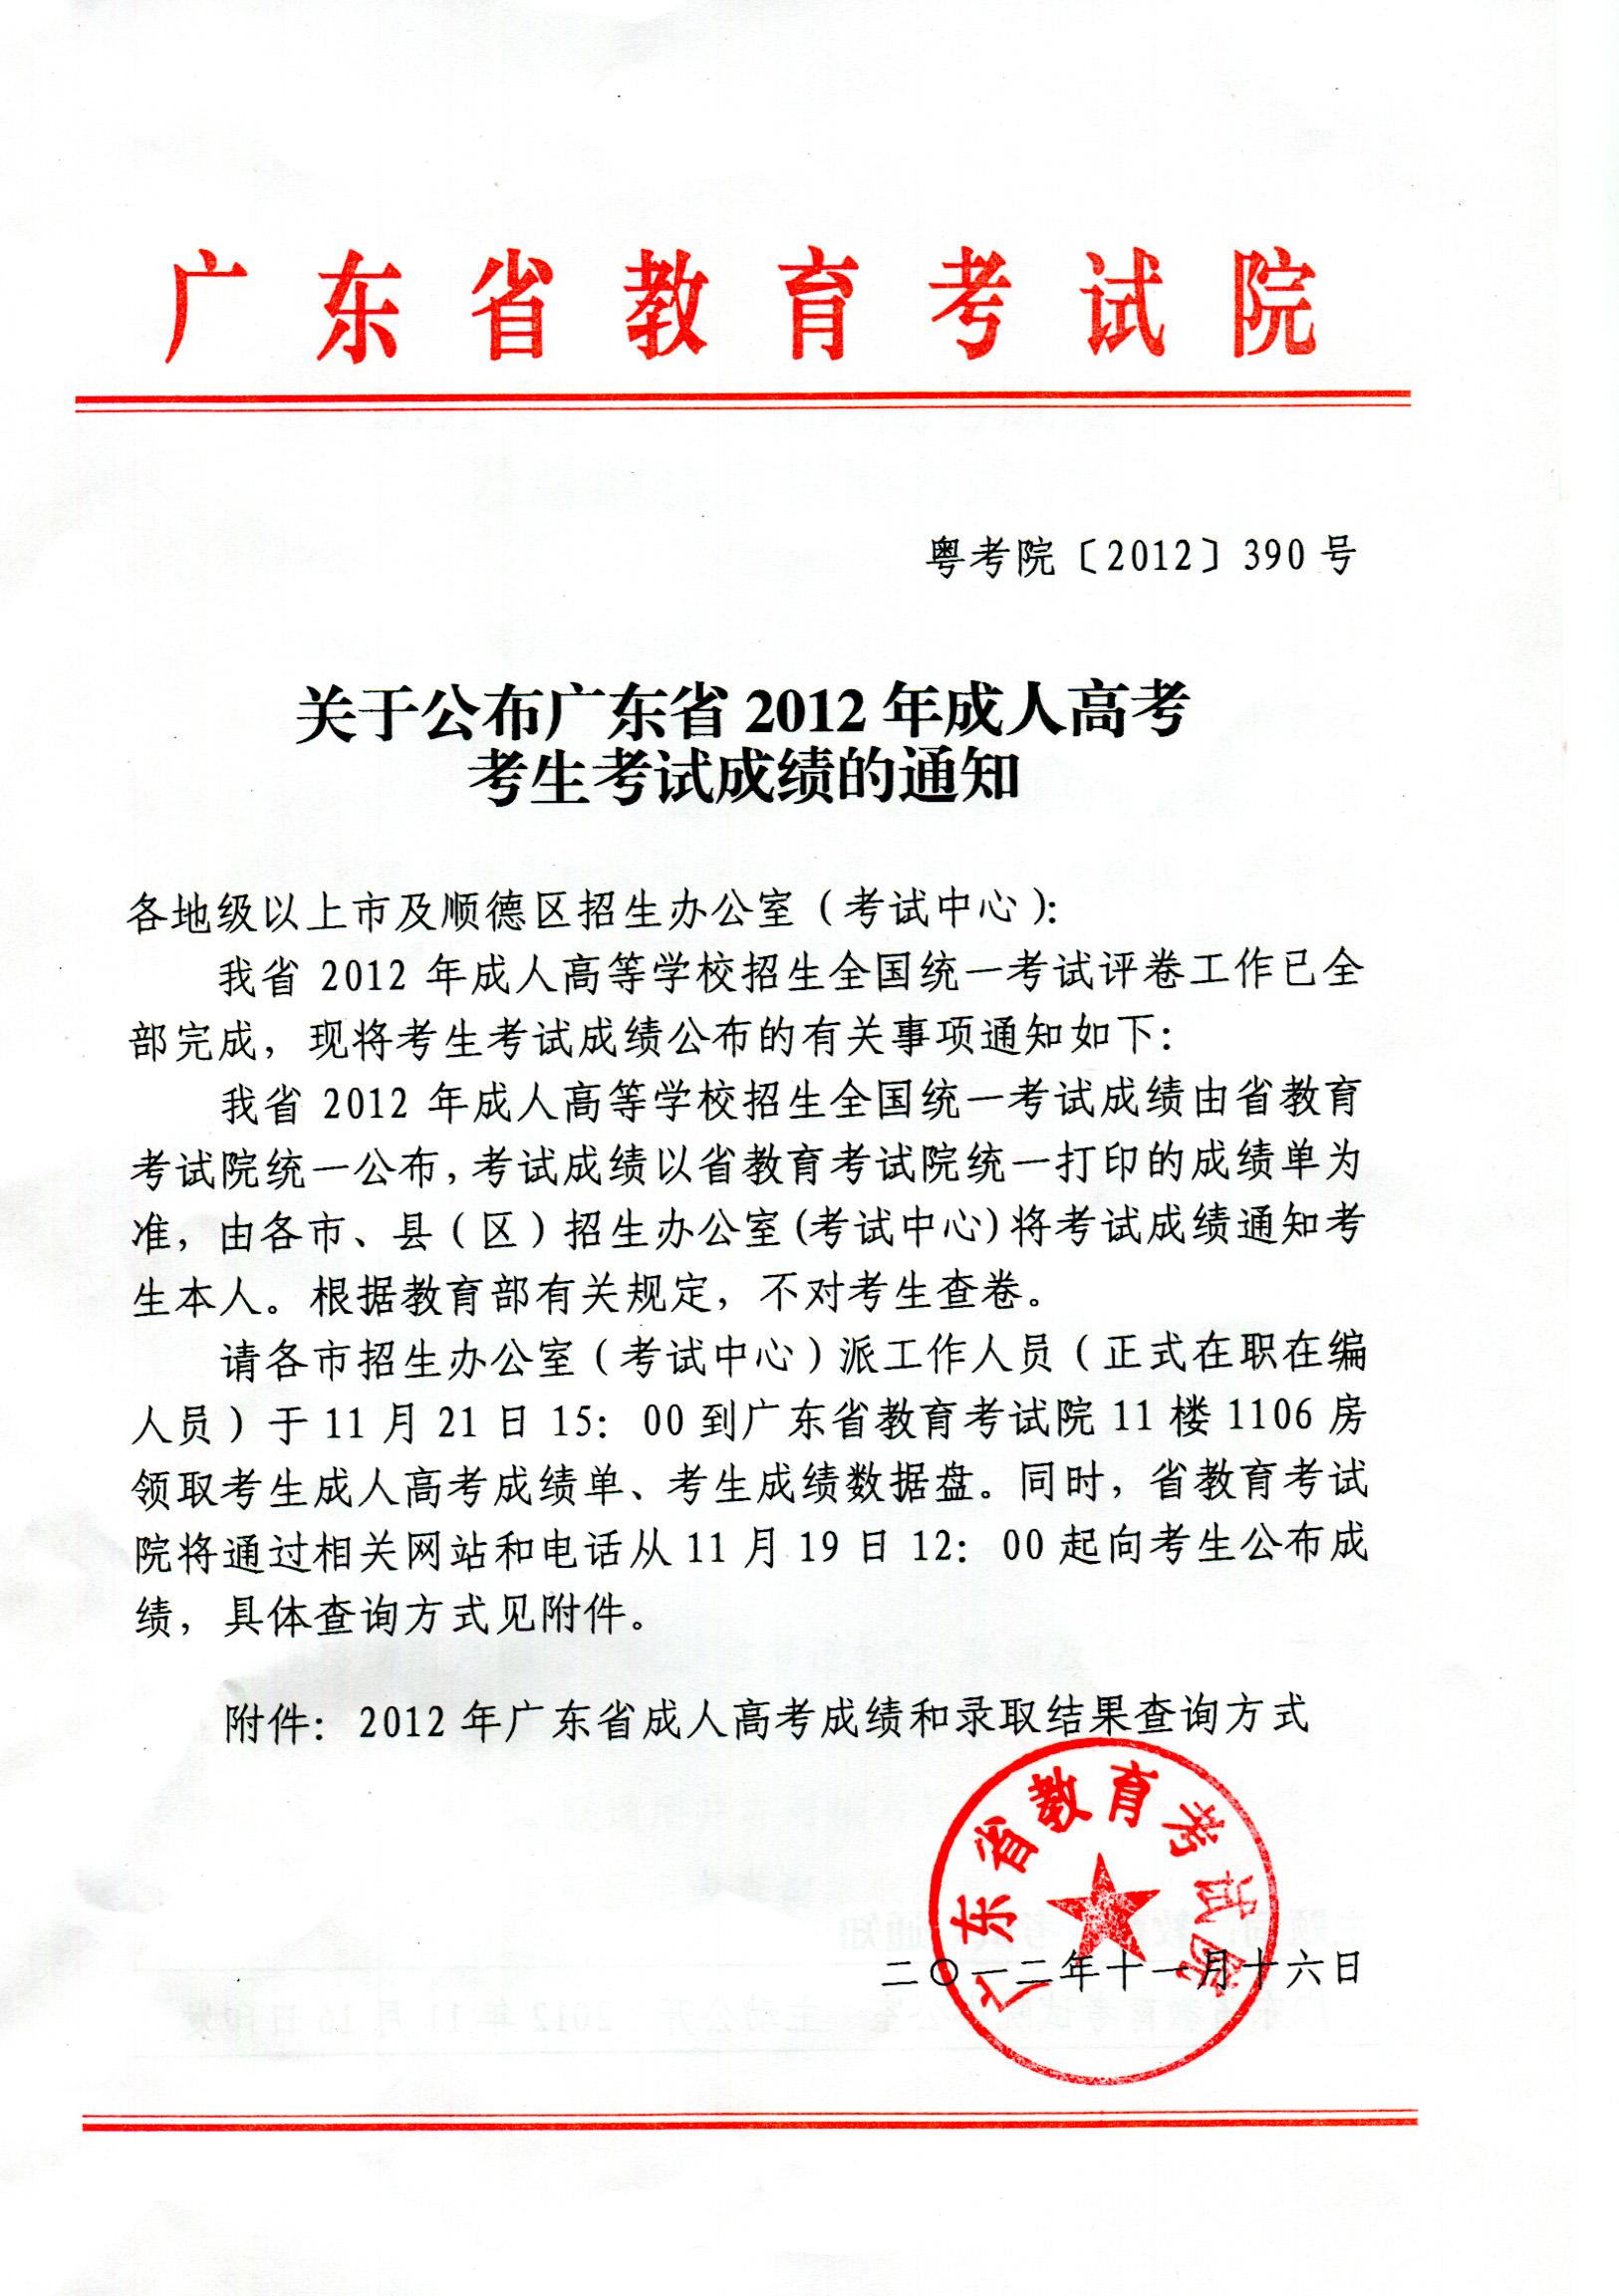 成人考试网_关于公布广东省2012年成人高考考生考试成绩的通知_本省政策 ...